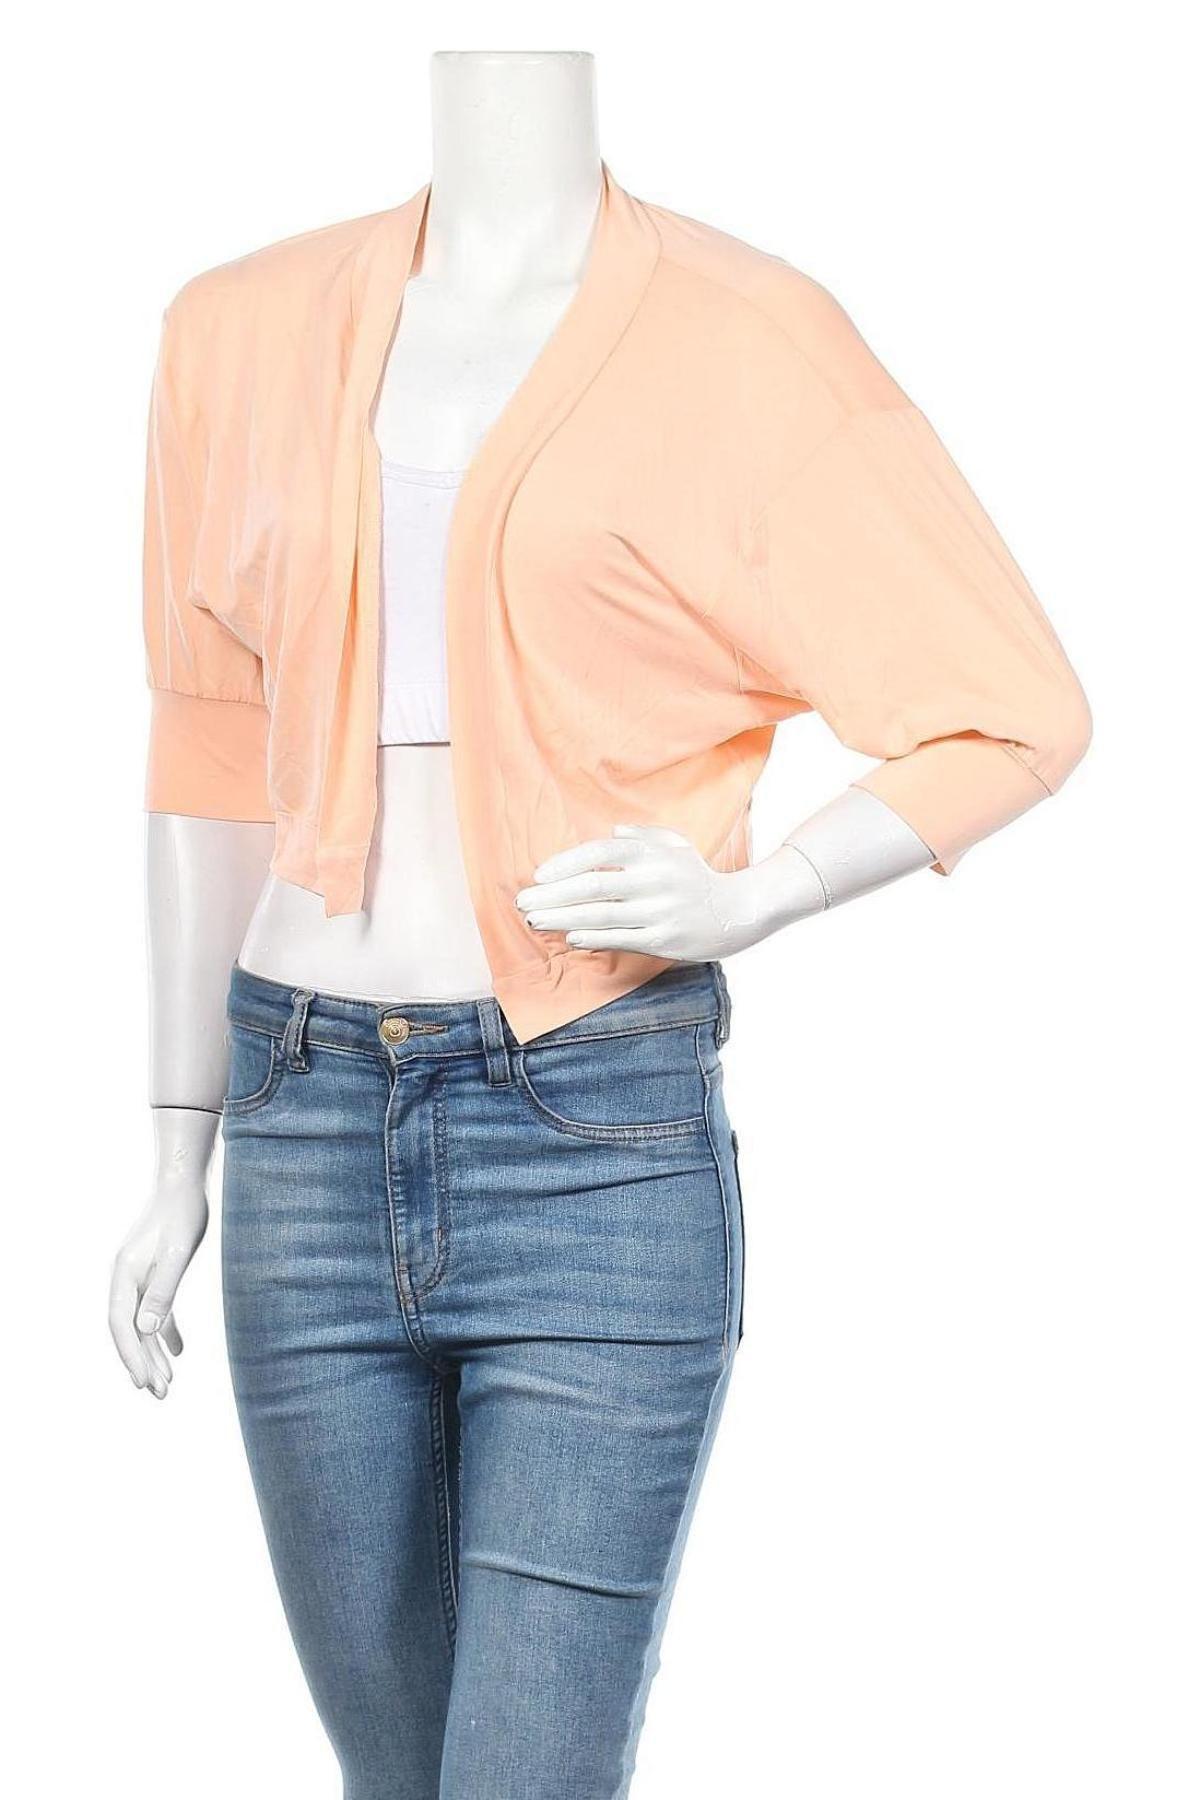 Γυναικεία ζακέτα Myrine, Μέγεθος S, Χρώμα Πορτοκαλί, 92% χαλκαμμωνία, 8% ελαστάνη, Τιμή 7,50€